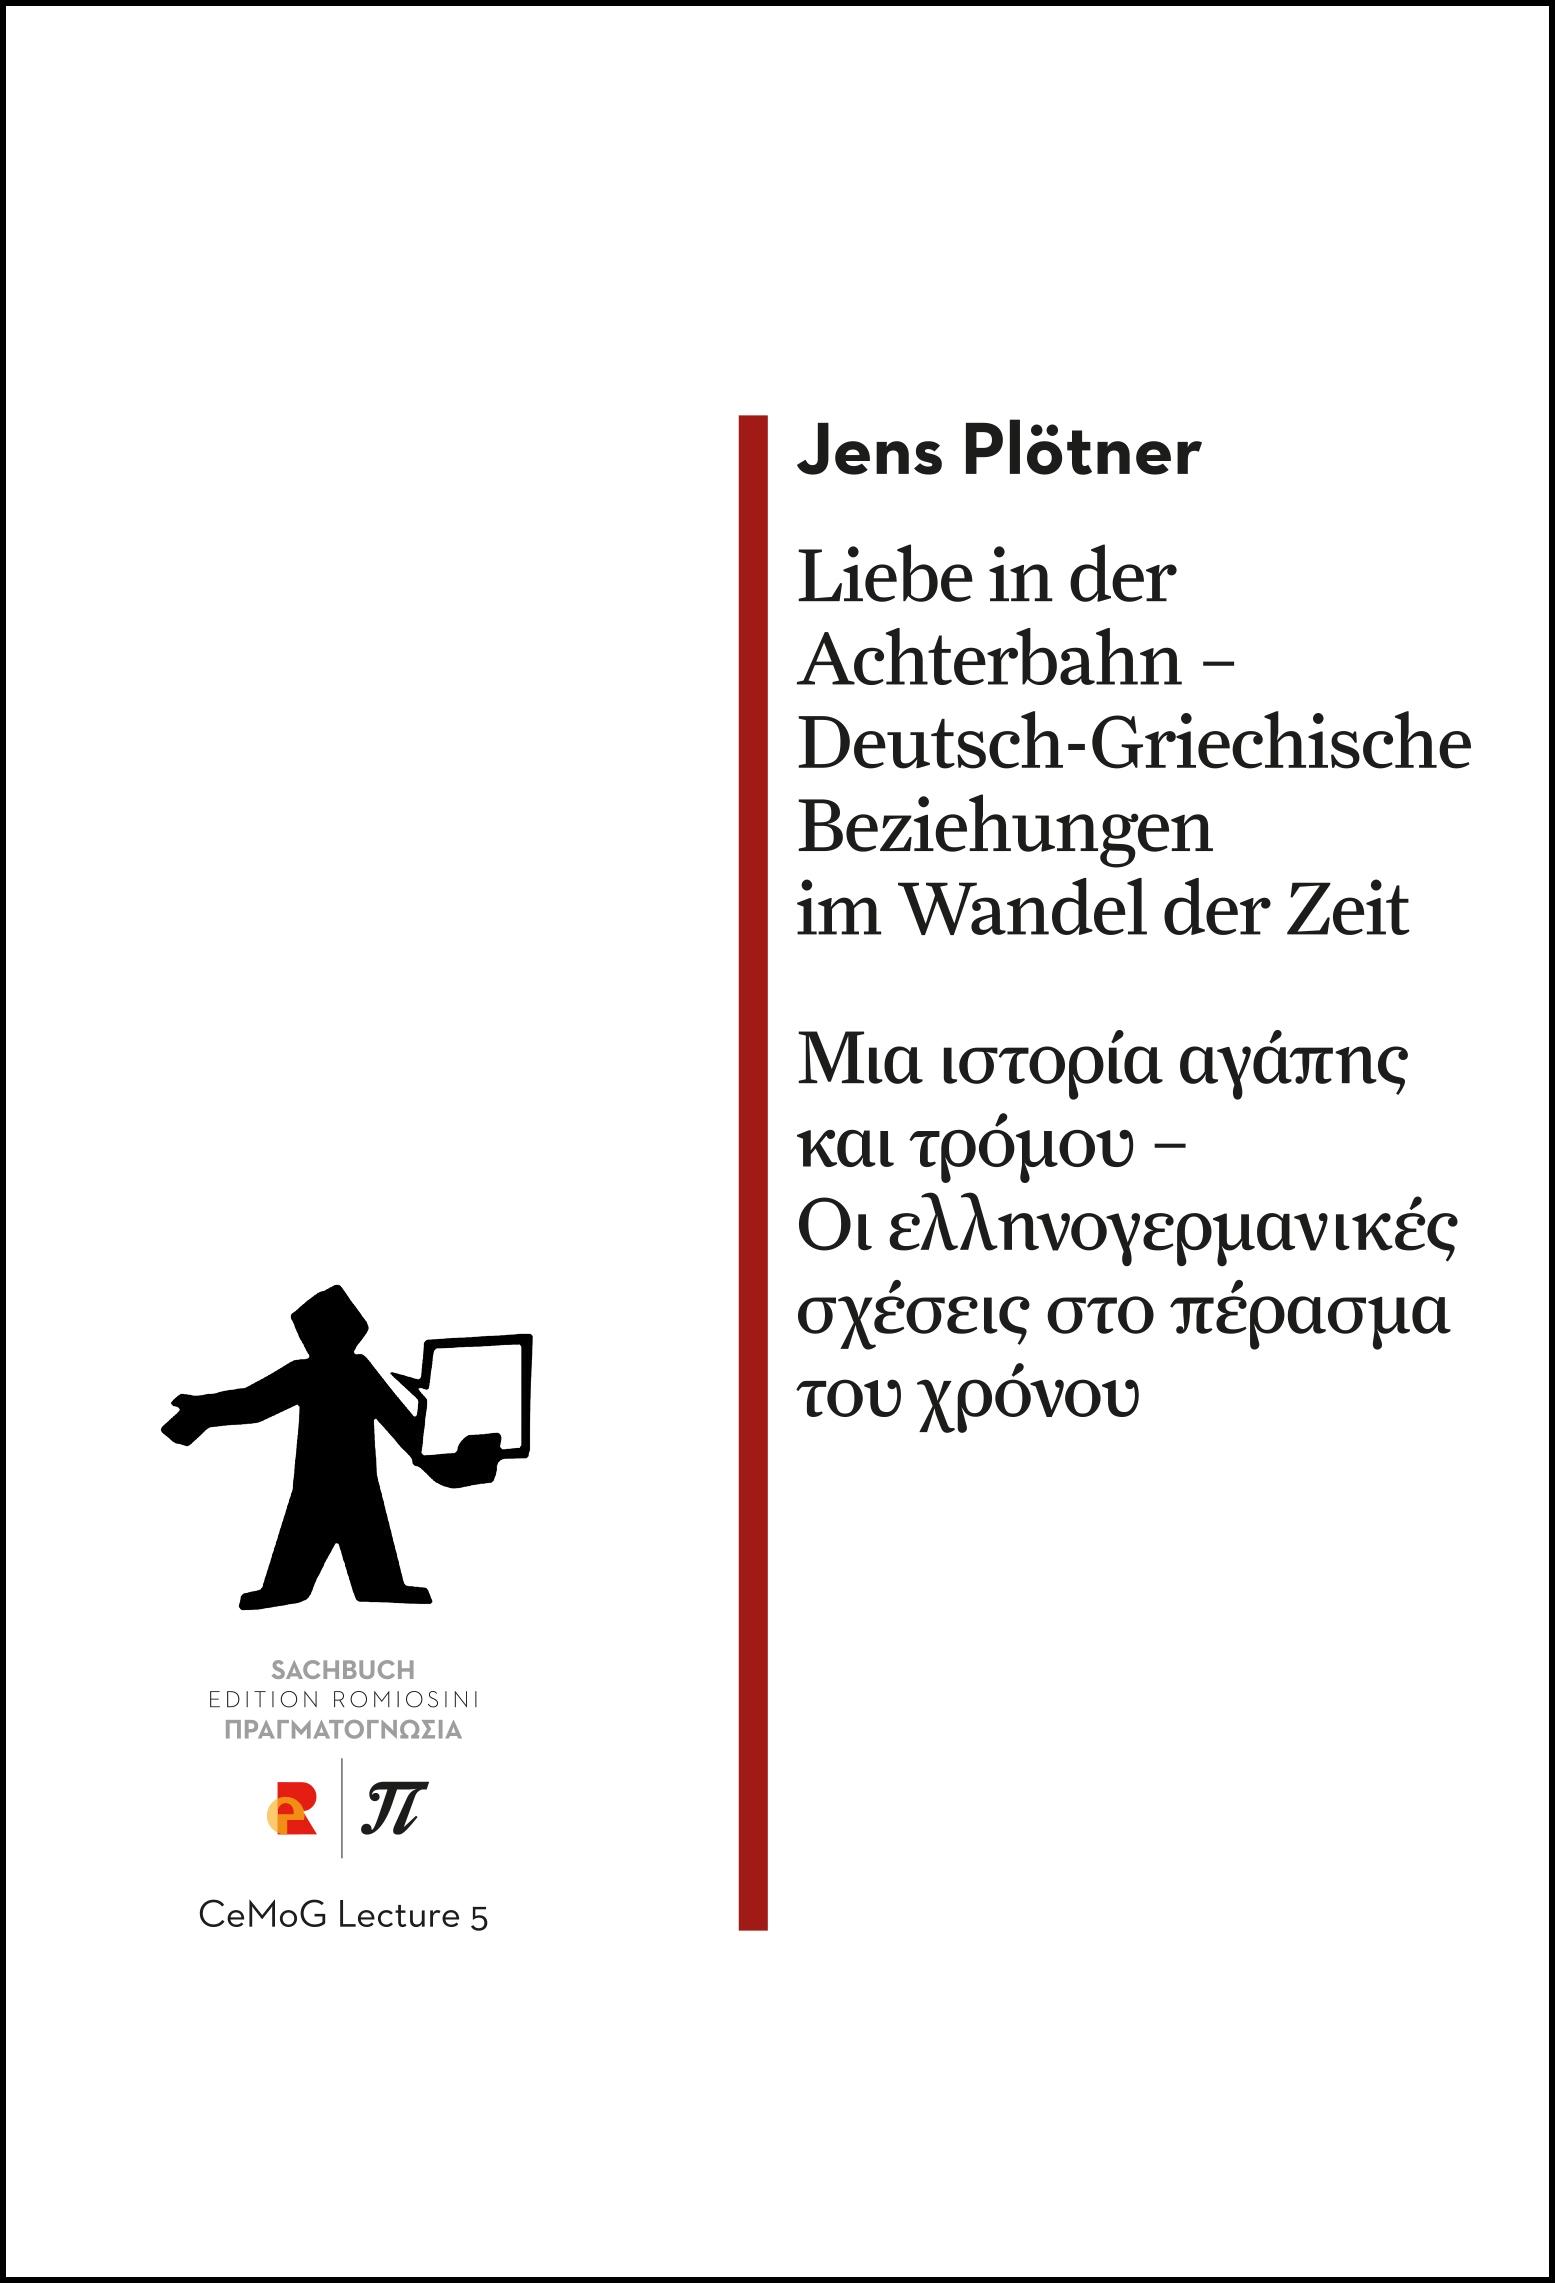 Titelbild für Liebe in der Achterbahn: Deutsch-Griechische Beziehungen im Wandel der Zeit